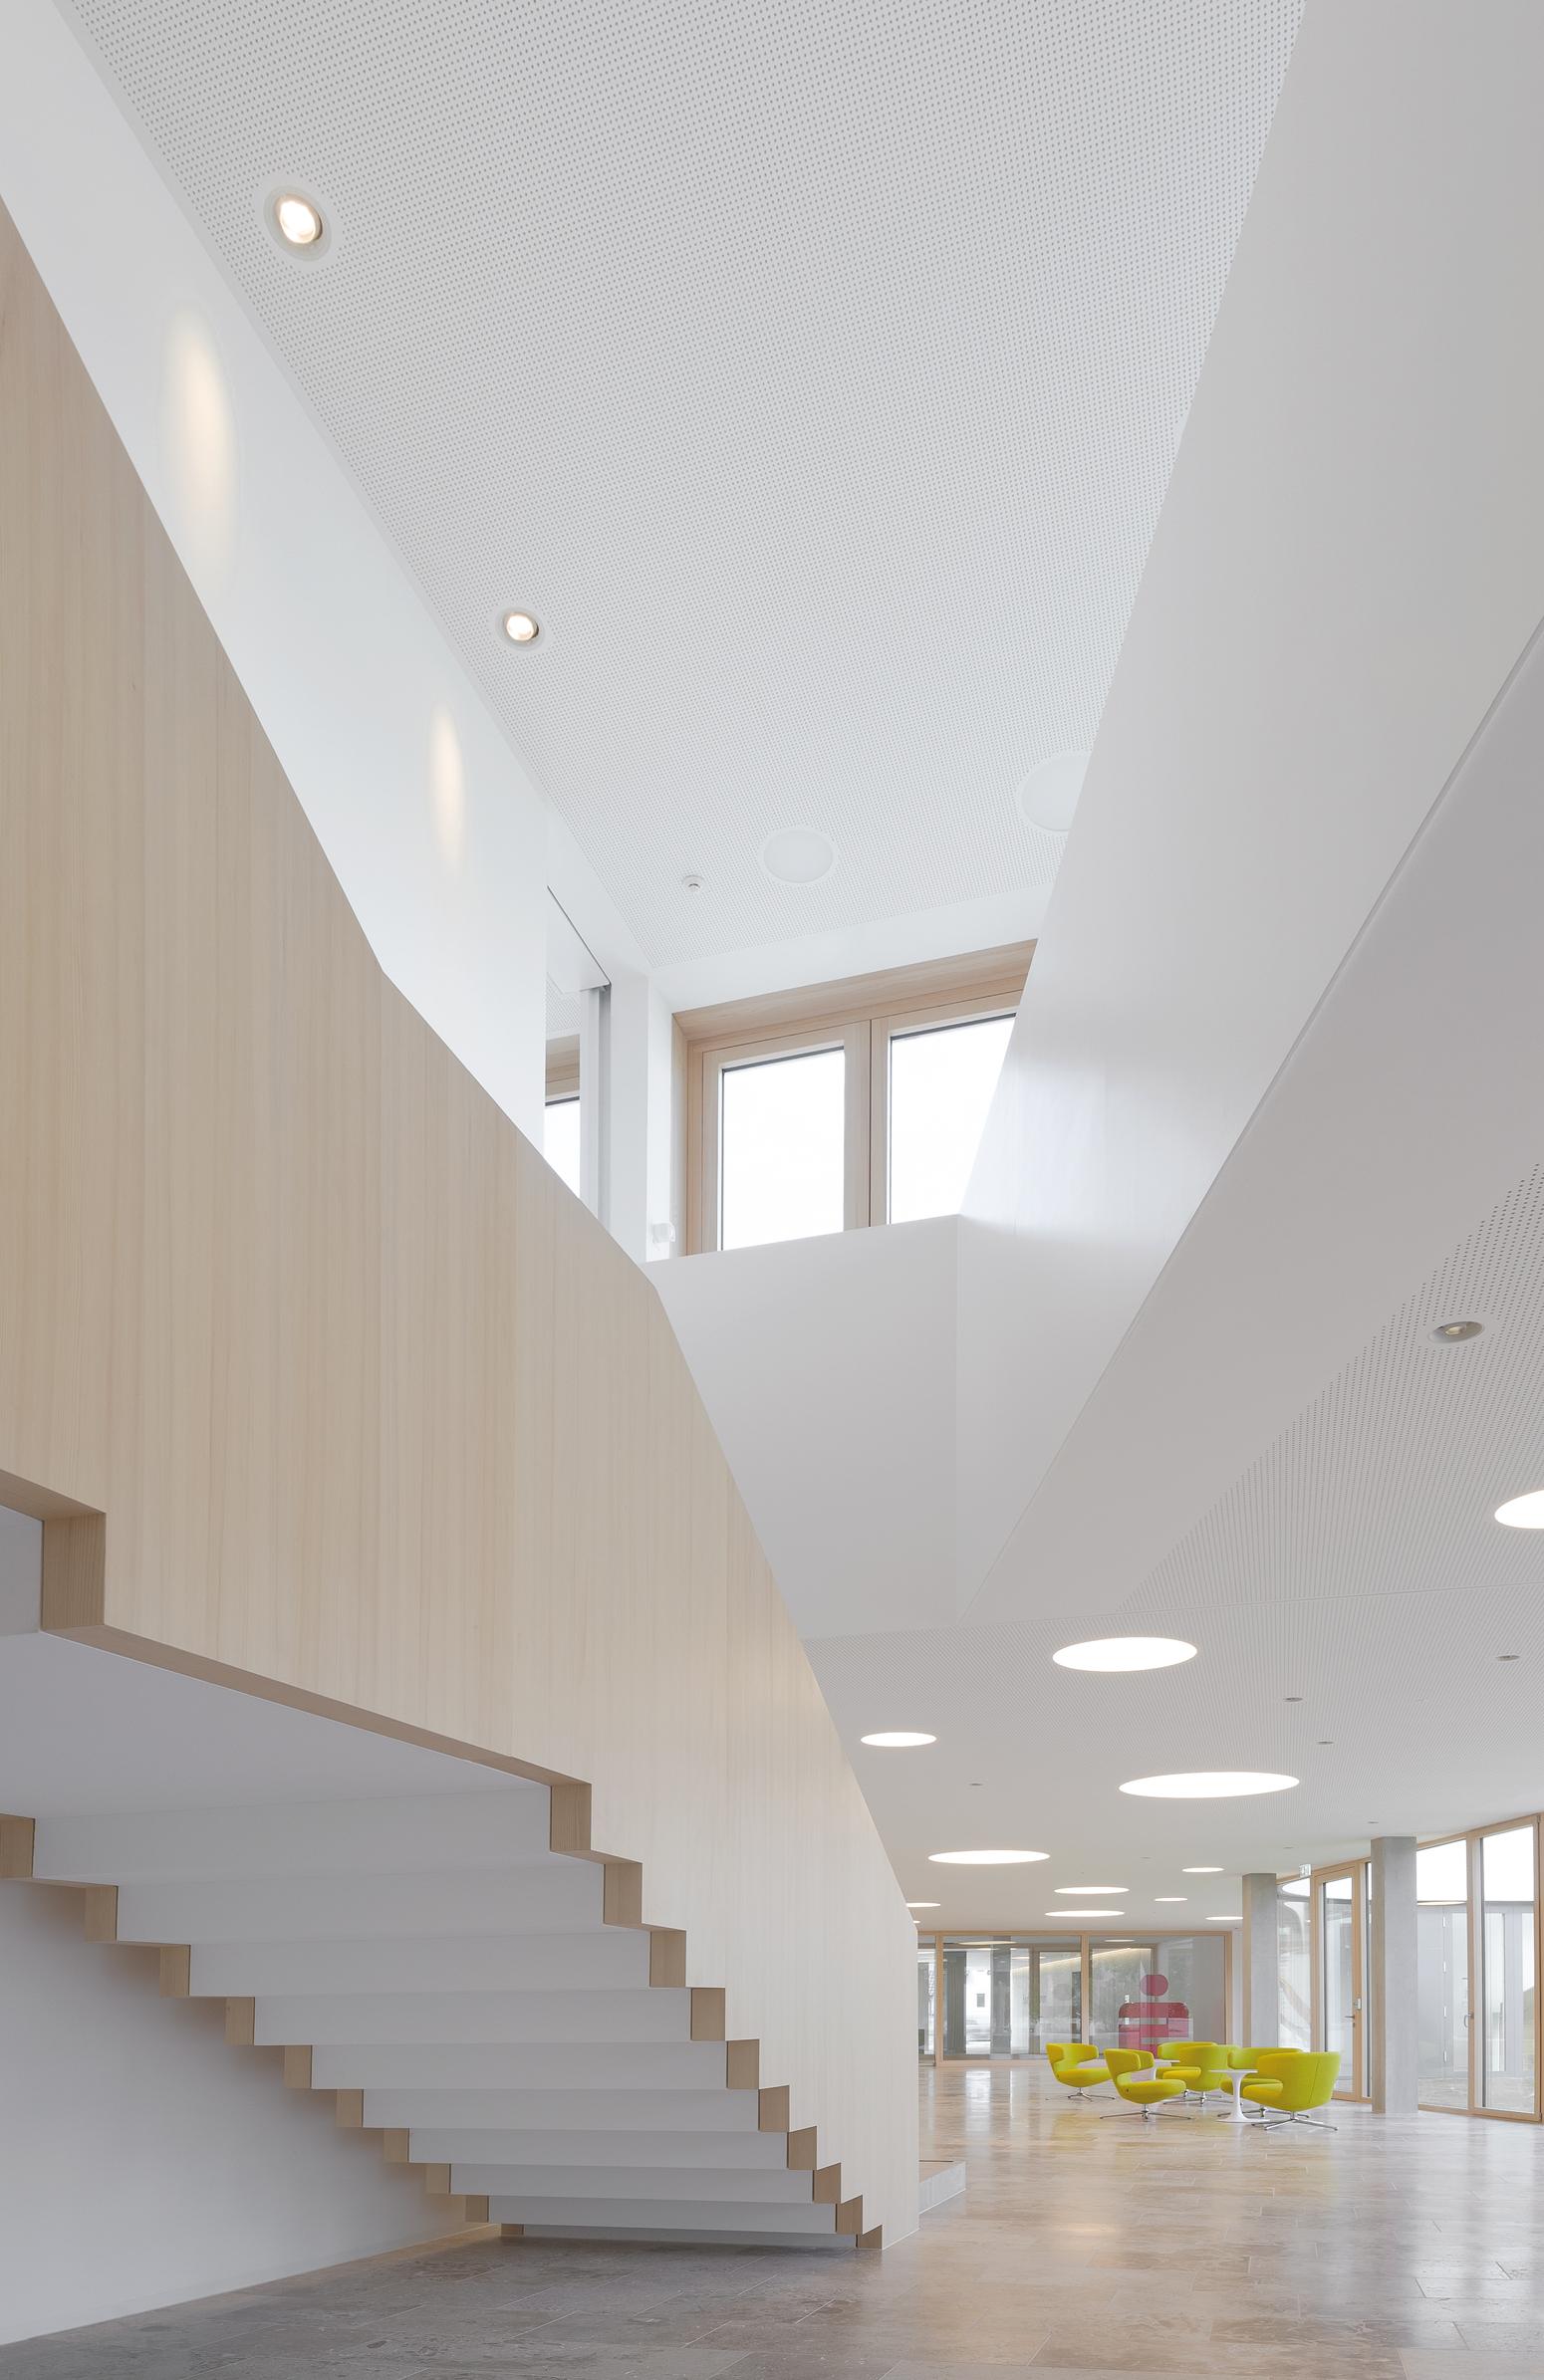 Elegant und unaufdringlich - die Treppe überzeugt durch klare, zeitlose Struktur.